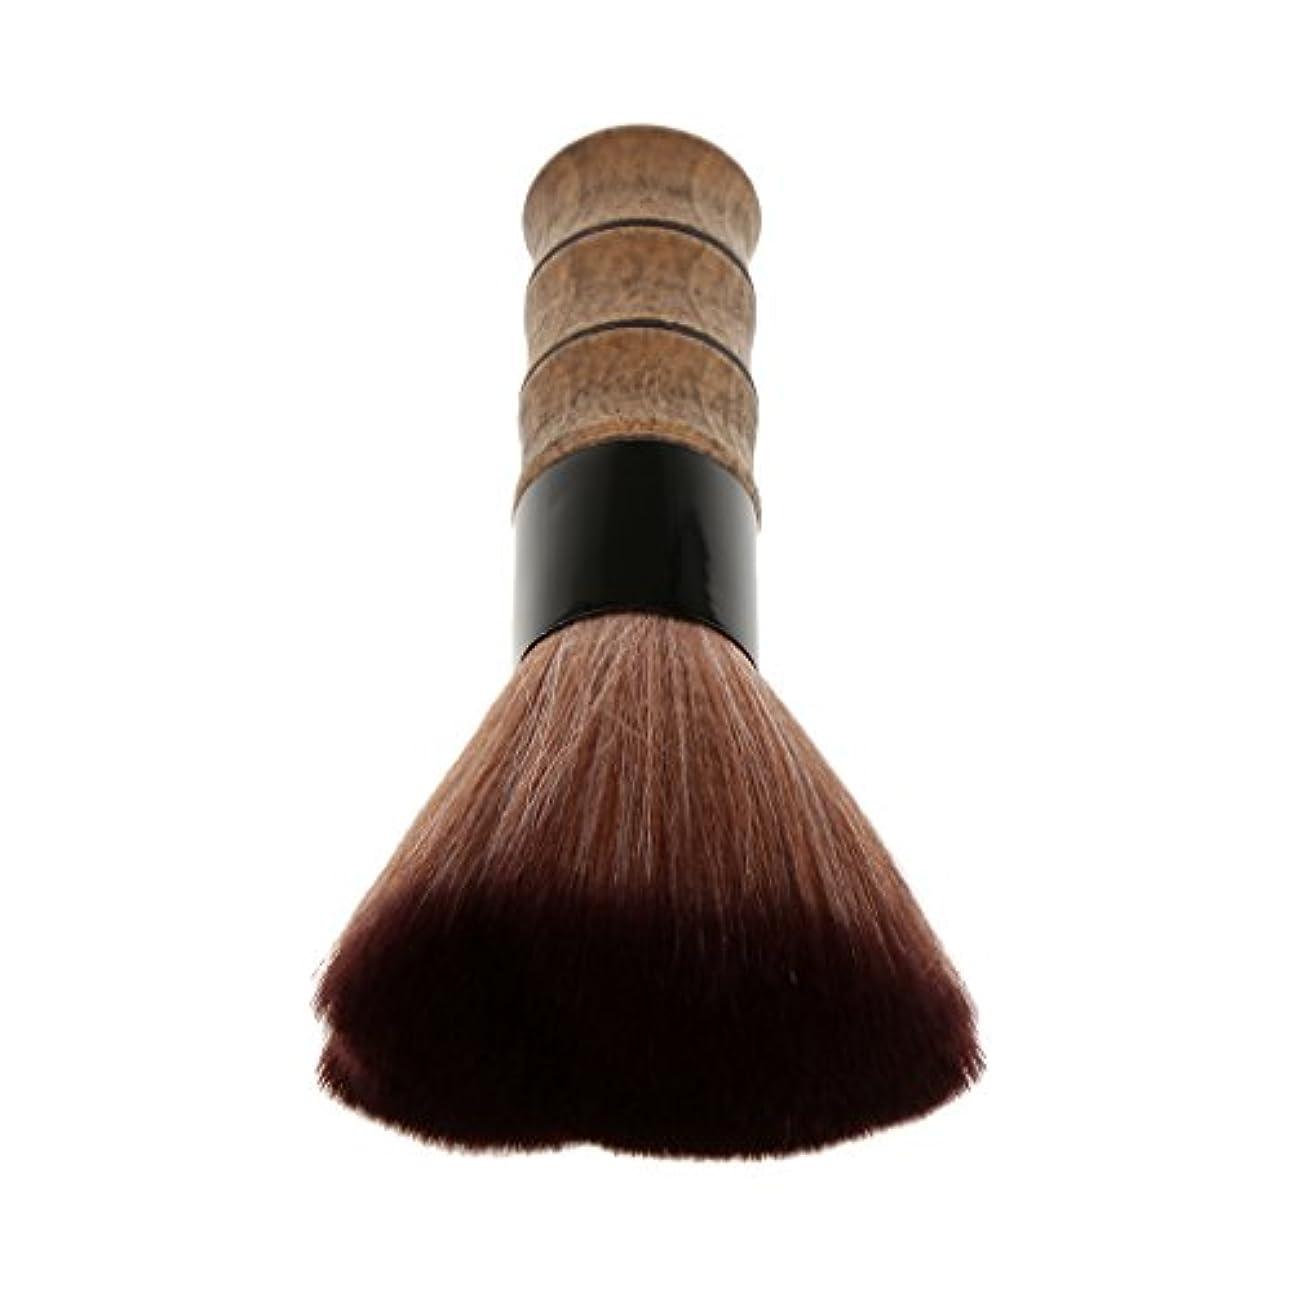 礼拝しかし検査官シェービングブラシ 洗顔 美容ブラシ メイクブラシ ソフトファイバー 竹ハンドル シェービング ブラシ スキンケア メイクアップ 2色選べる - 褐色